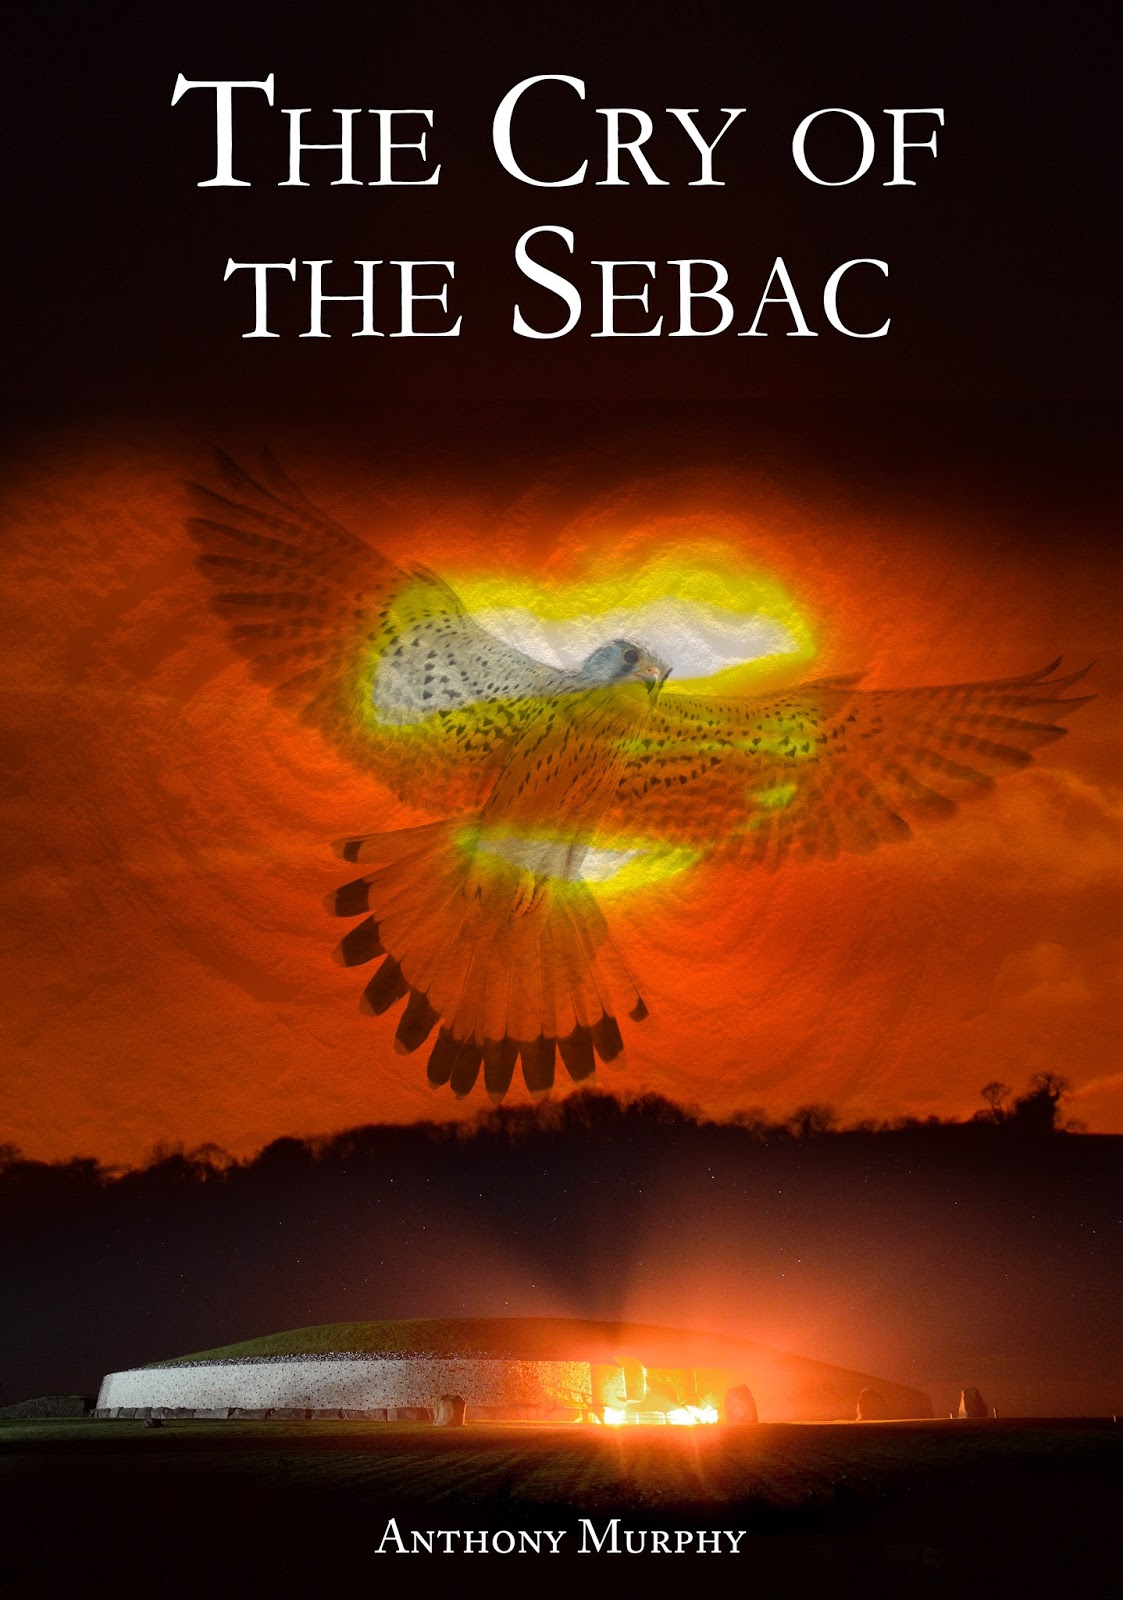 Mythical Ireland blog: My new novel 'The Cry of the Sebac